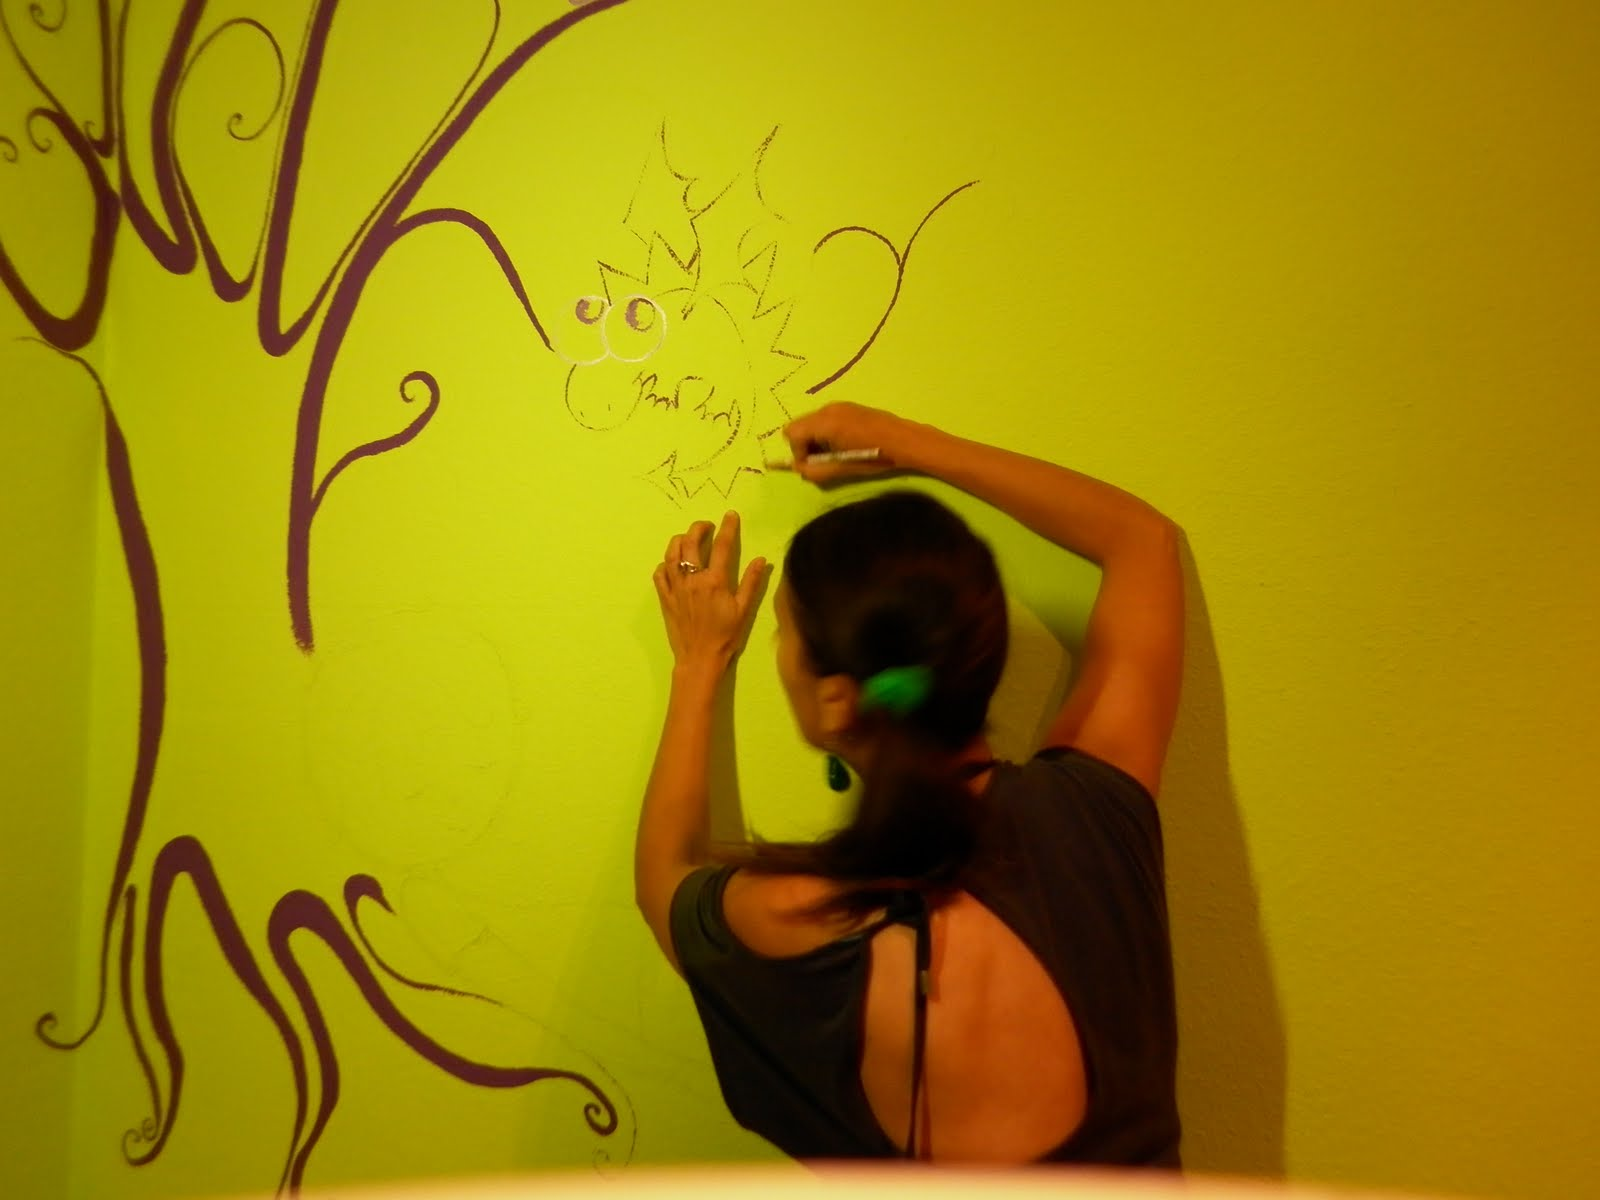 Susoleto cosas de casa pintar en la pared dibujos dibujo - Dibujos para paredes ...